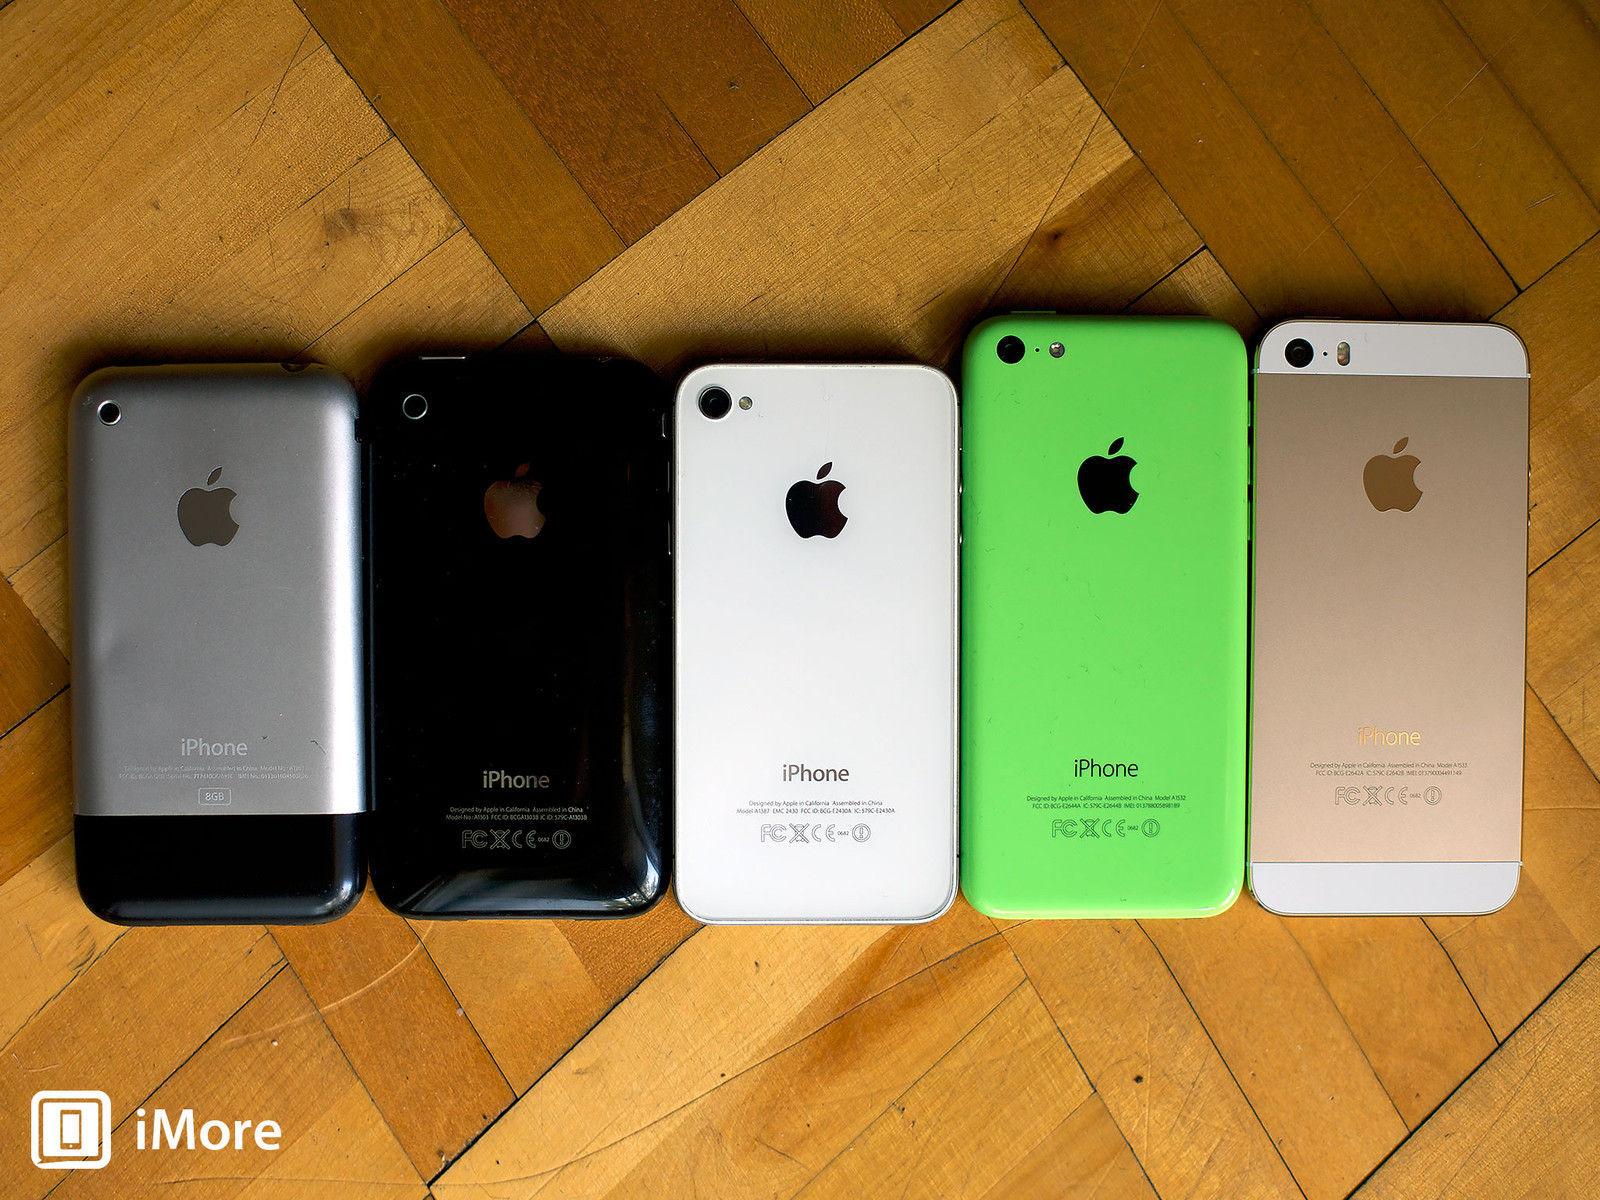 6851 - ¿Cuántos trucos, tips y curiosidades te sabes del iPhone?